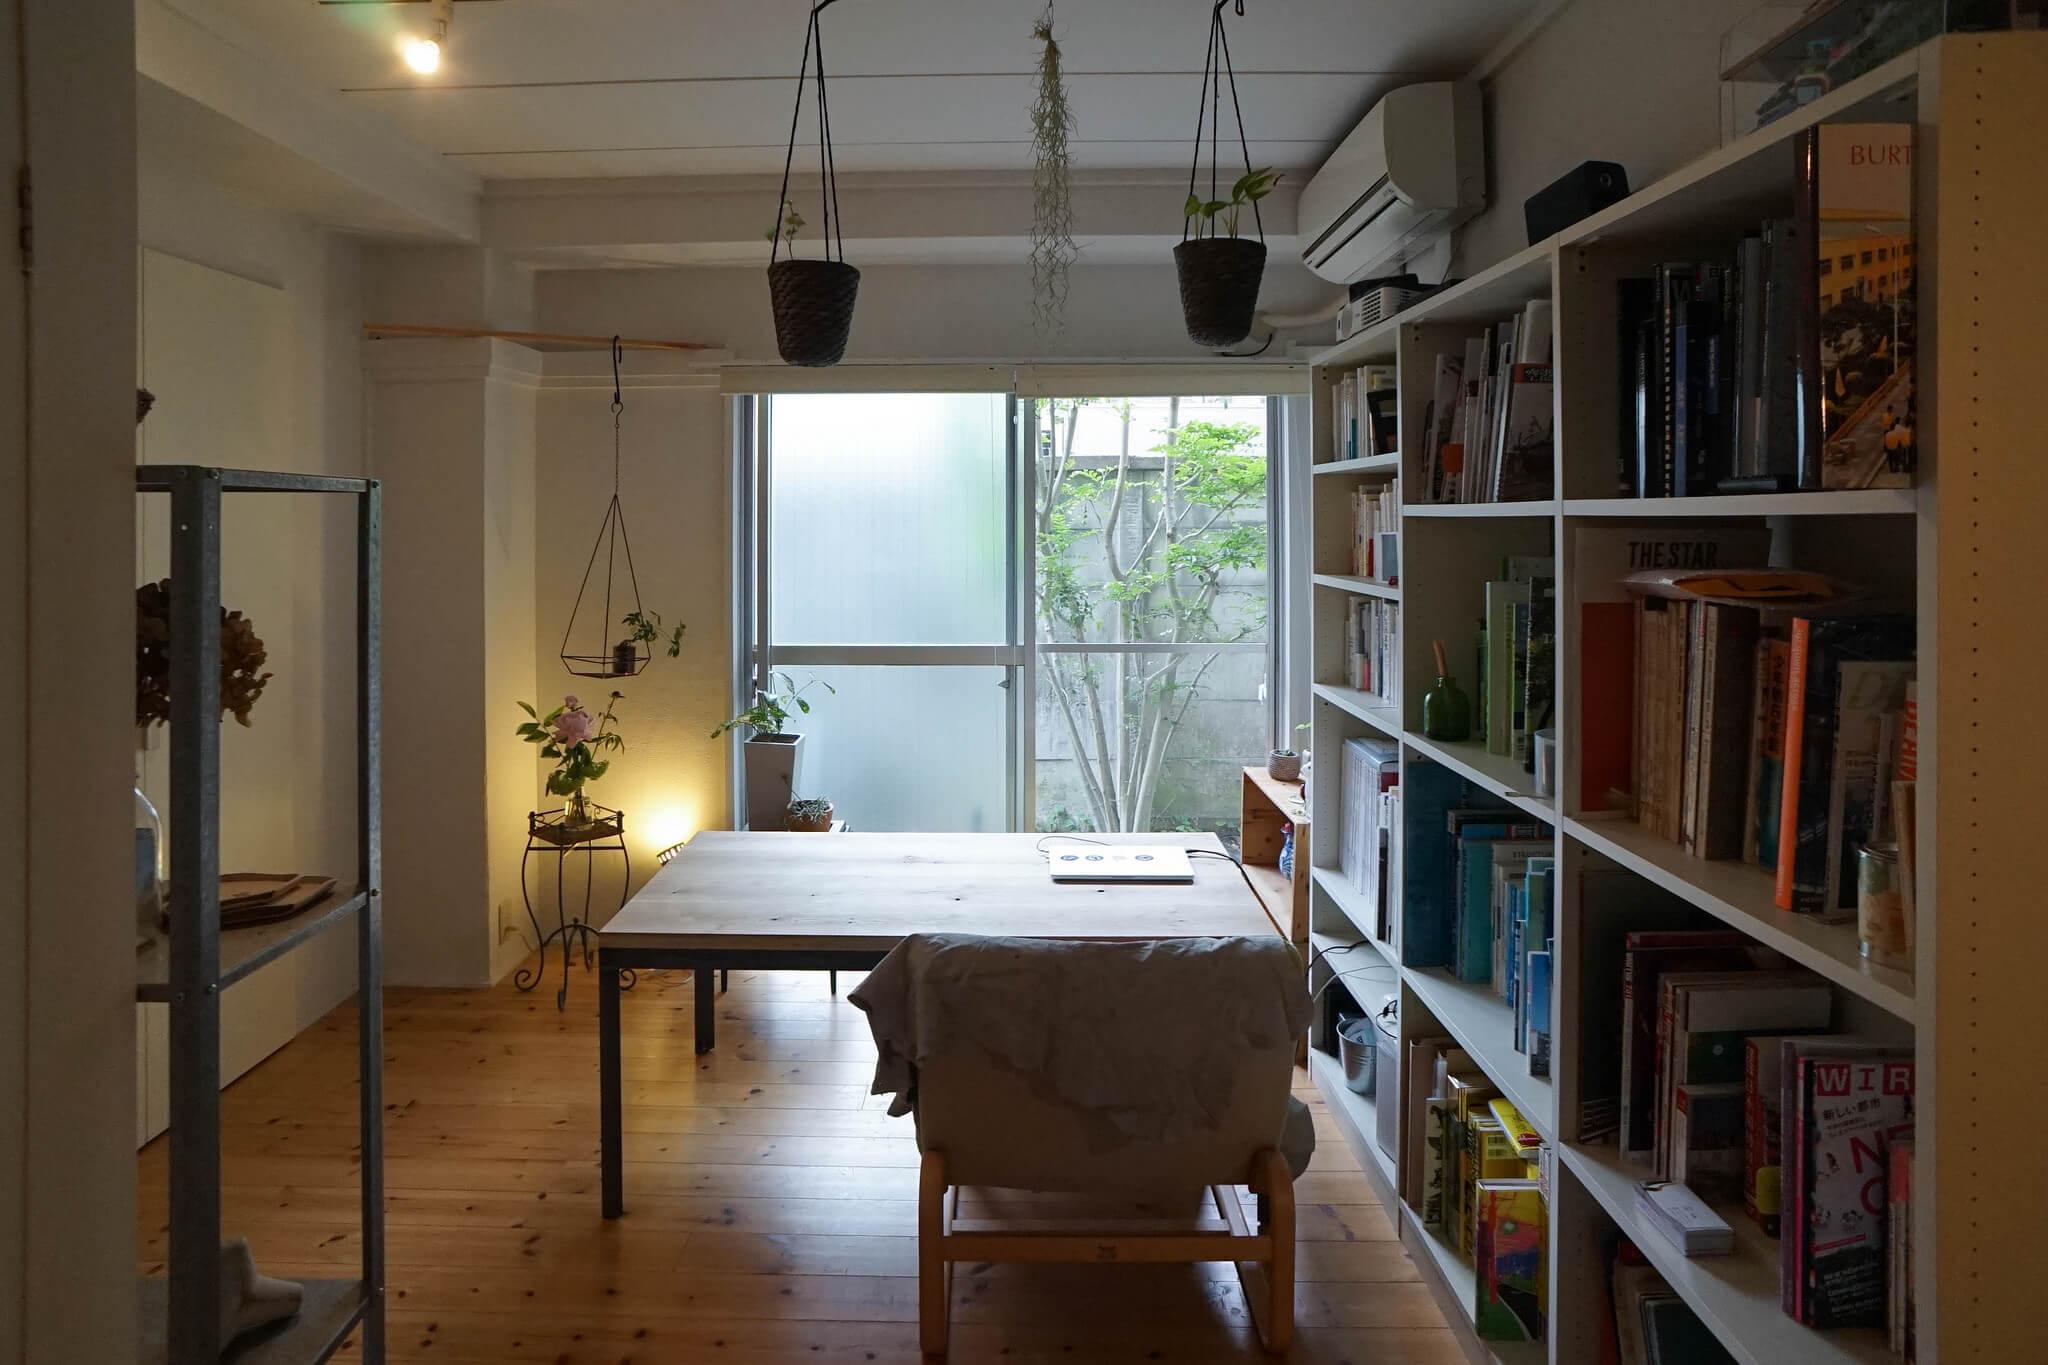 参考:築浅の部屋がお得だと思っていたけれど……リノベーション賃貸に2年住んで思ったこと。